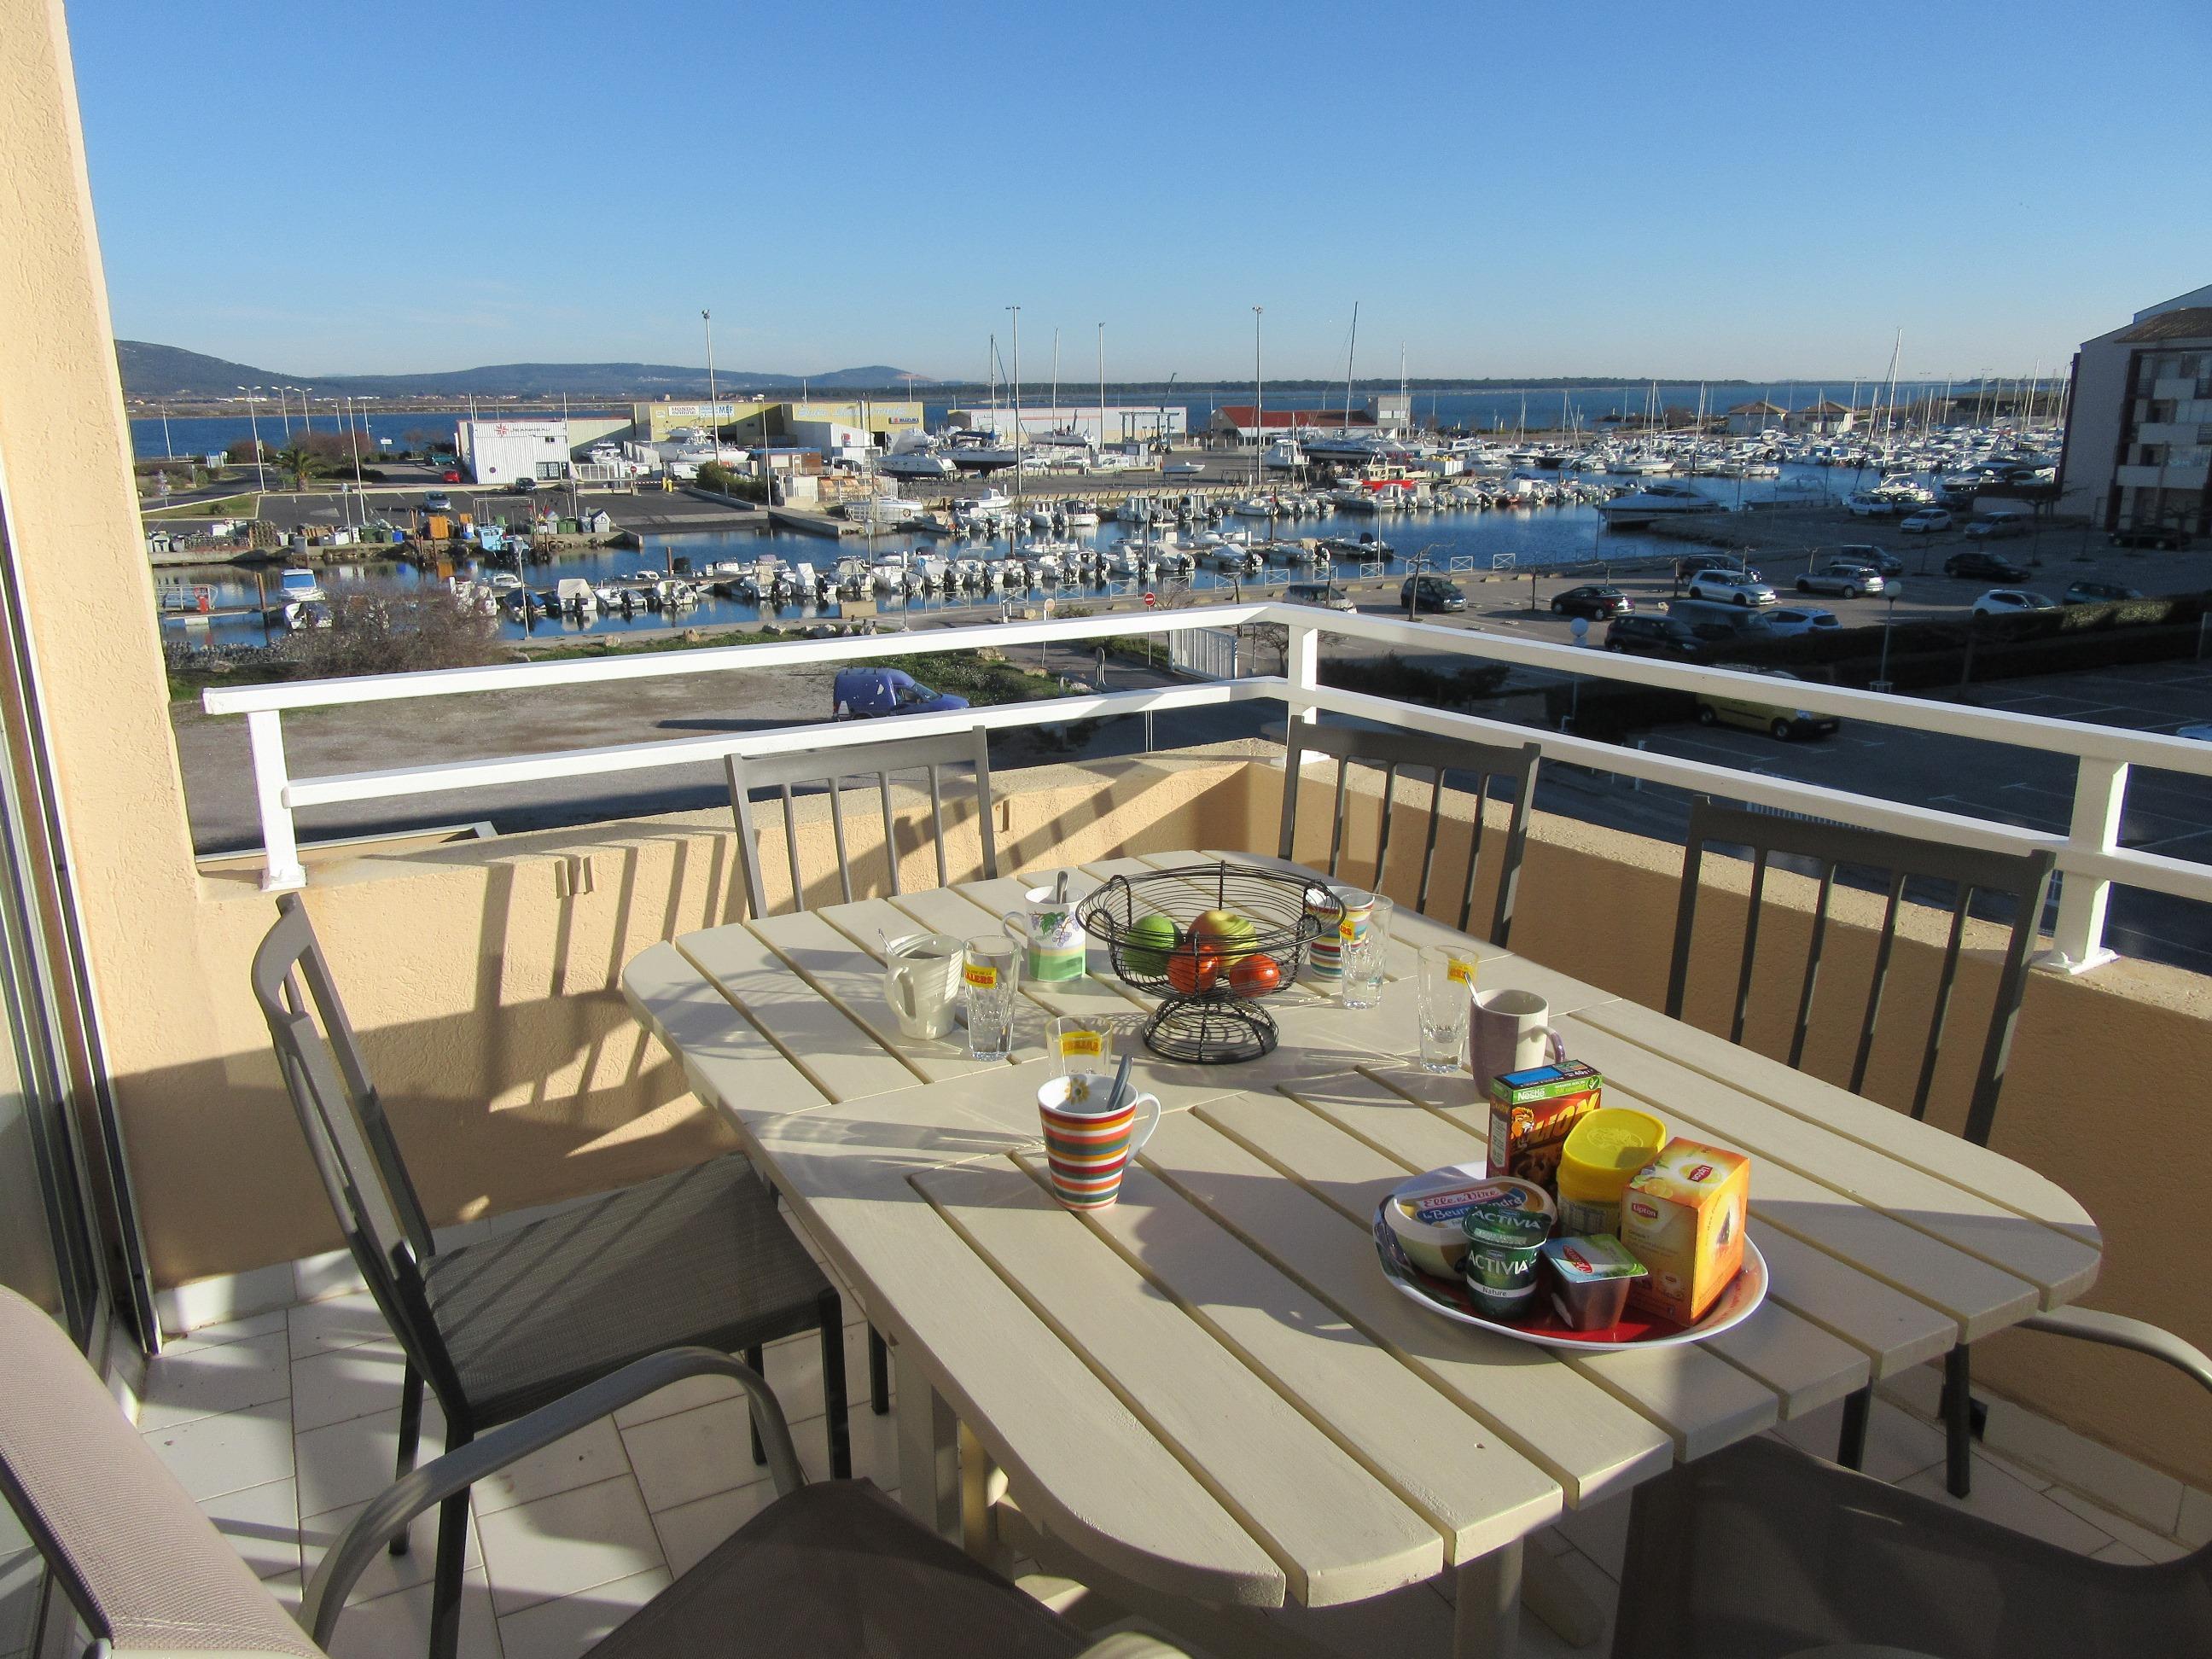 appartement frontignan plage louer pour 8 personnes location n 34359. Black Bedroom Furniture Sets. Home Design Ideas